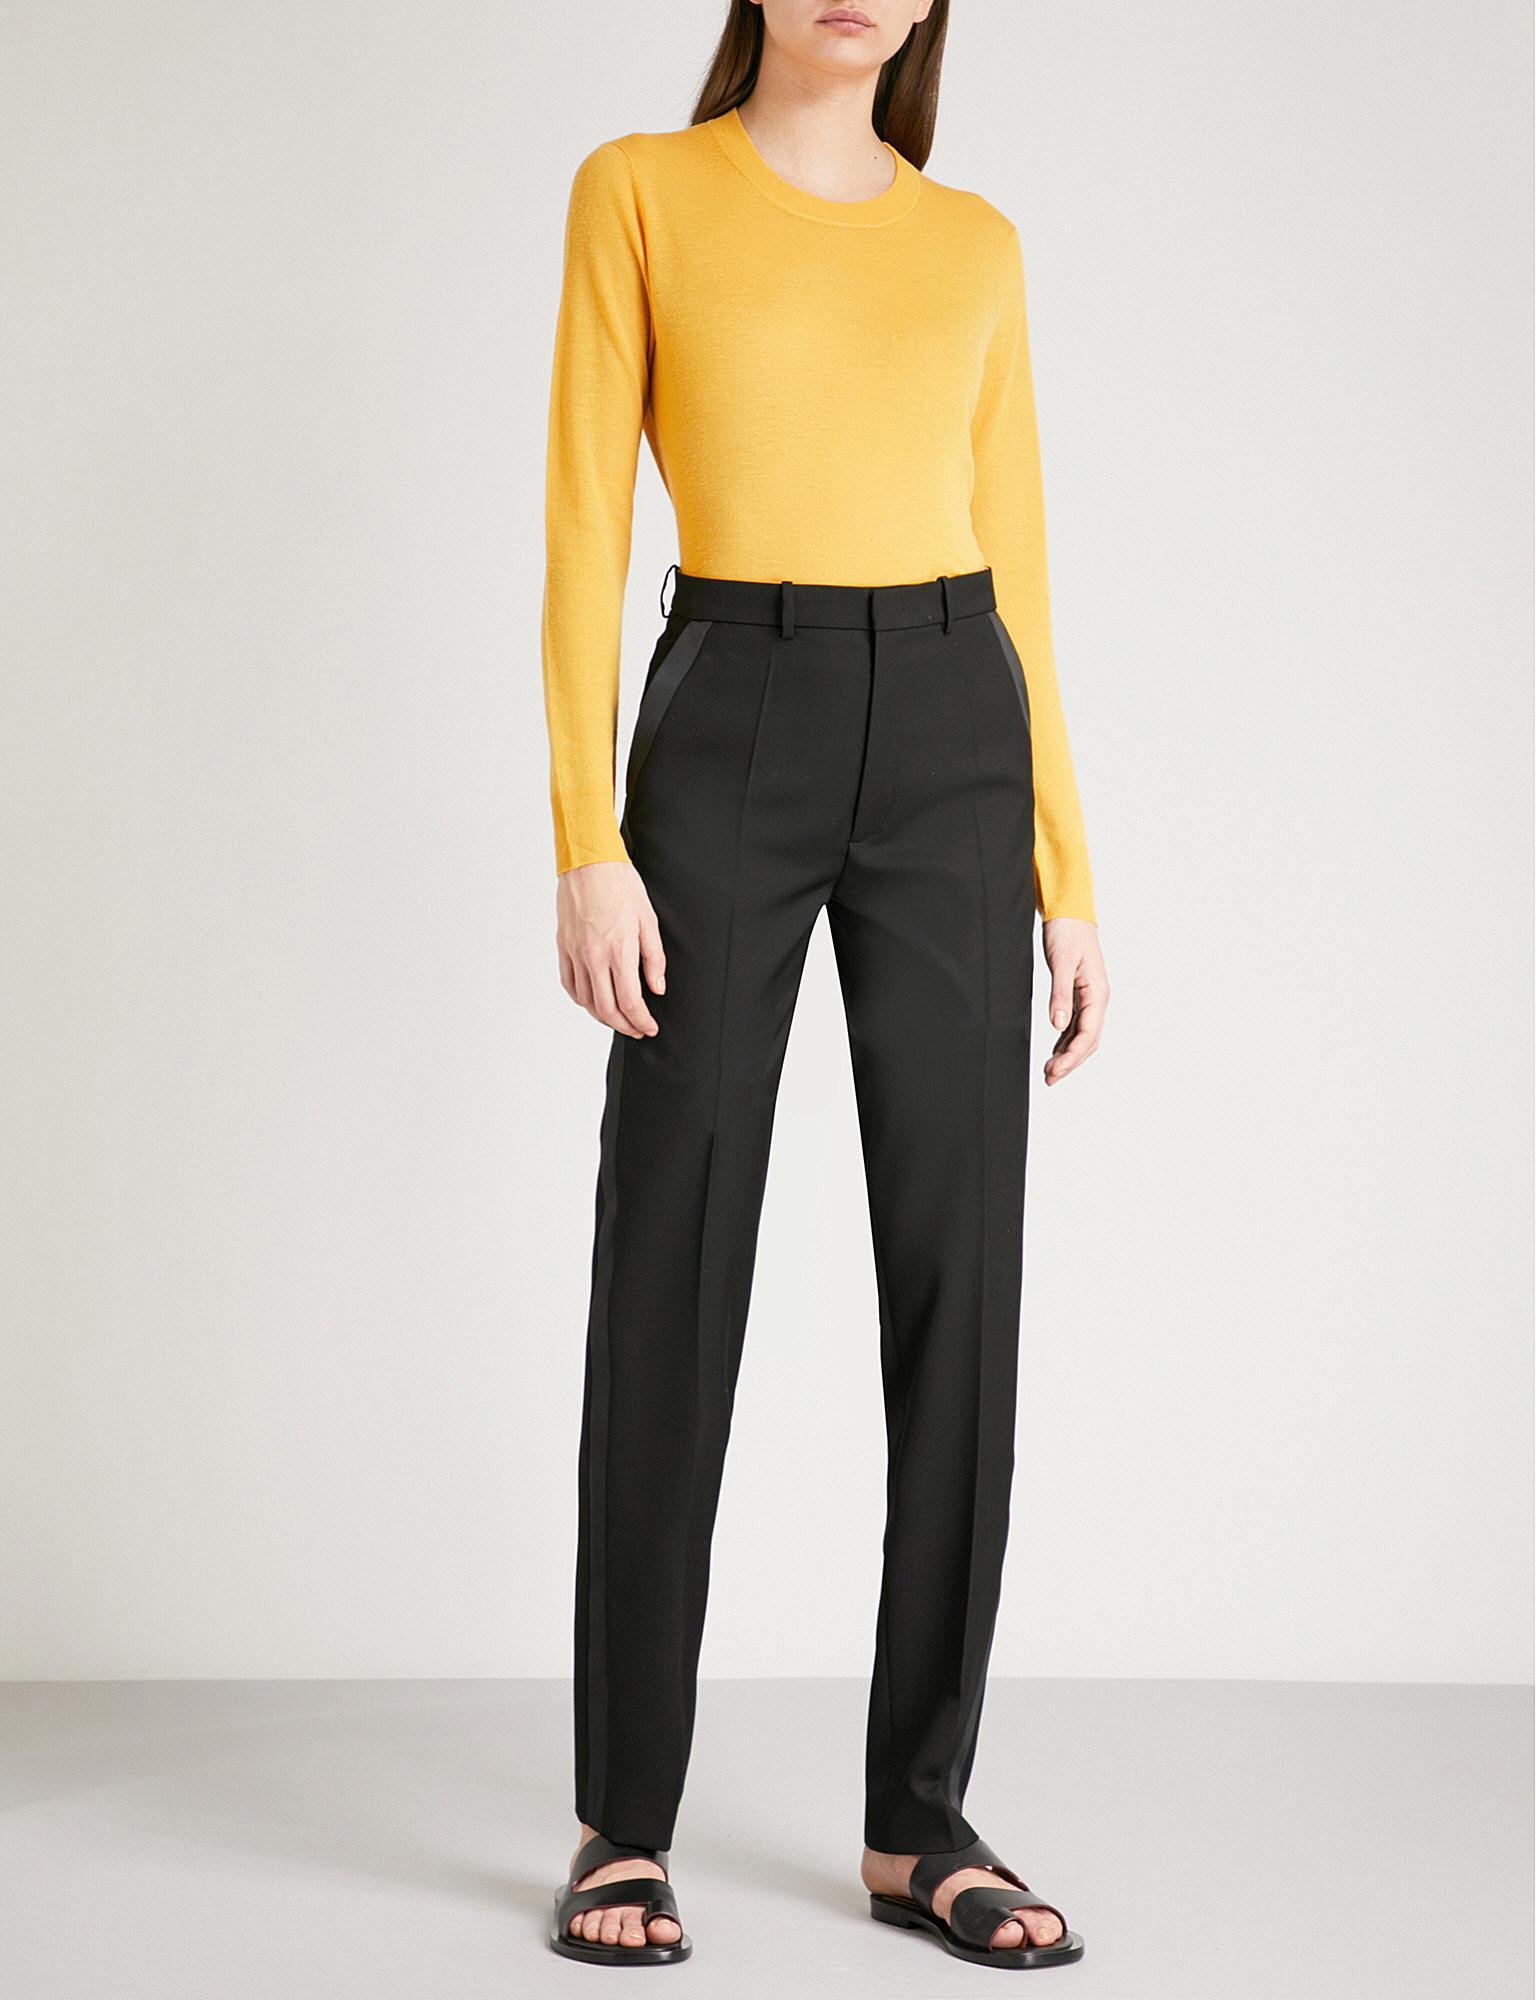 53c0b0c29ba Lyst - JOSEPH Grain De Poudre Fever Regular-fit Cady Tuxedo Trousers ...